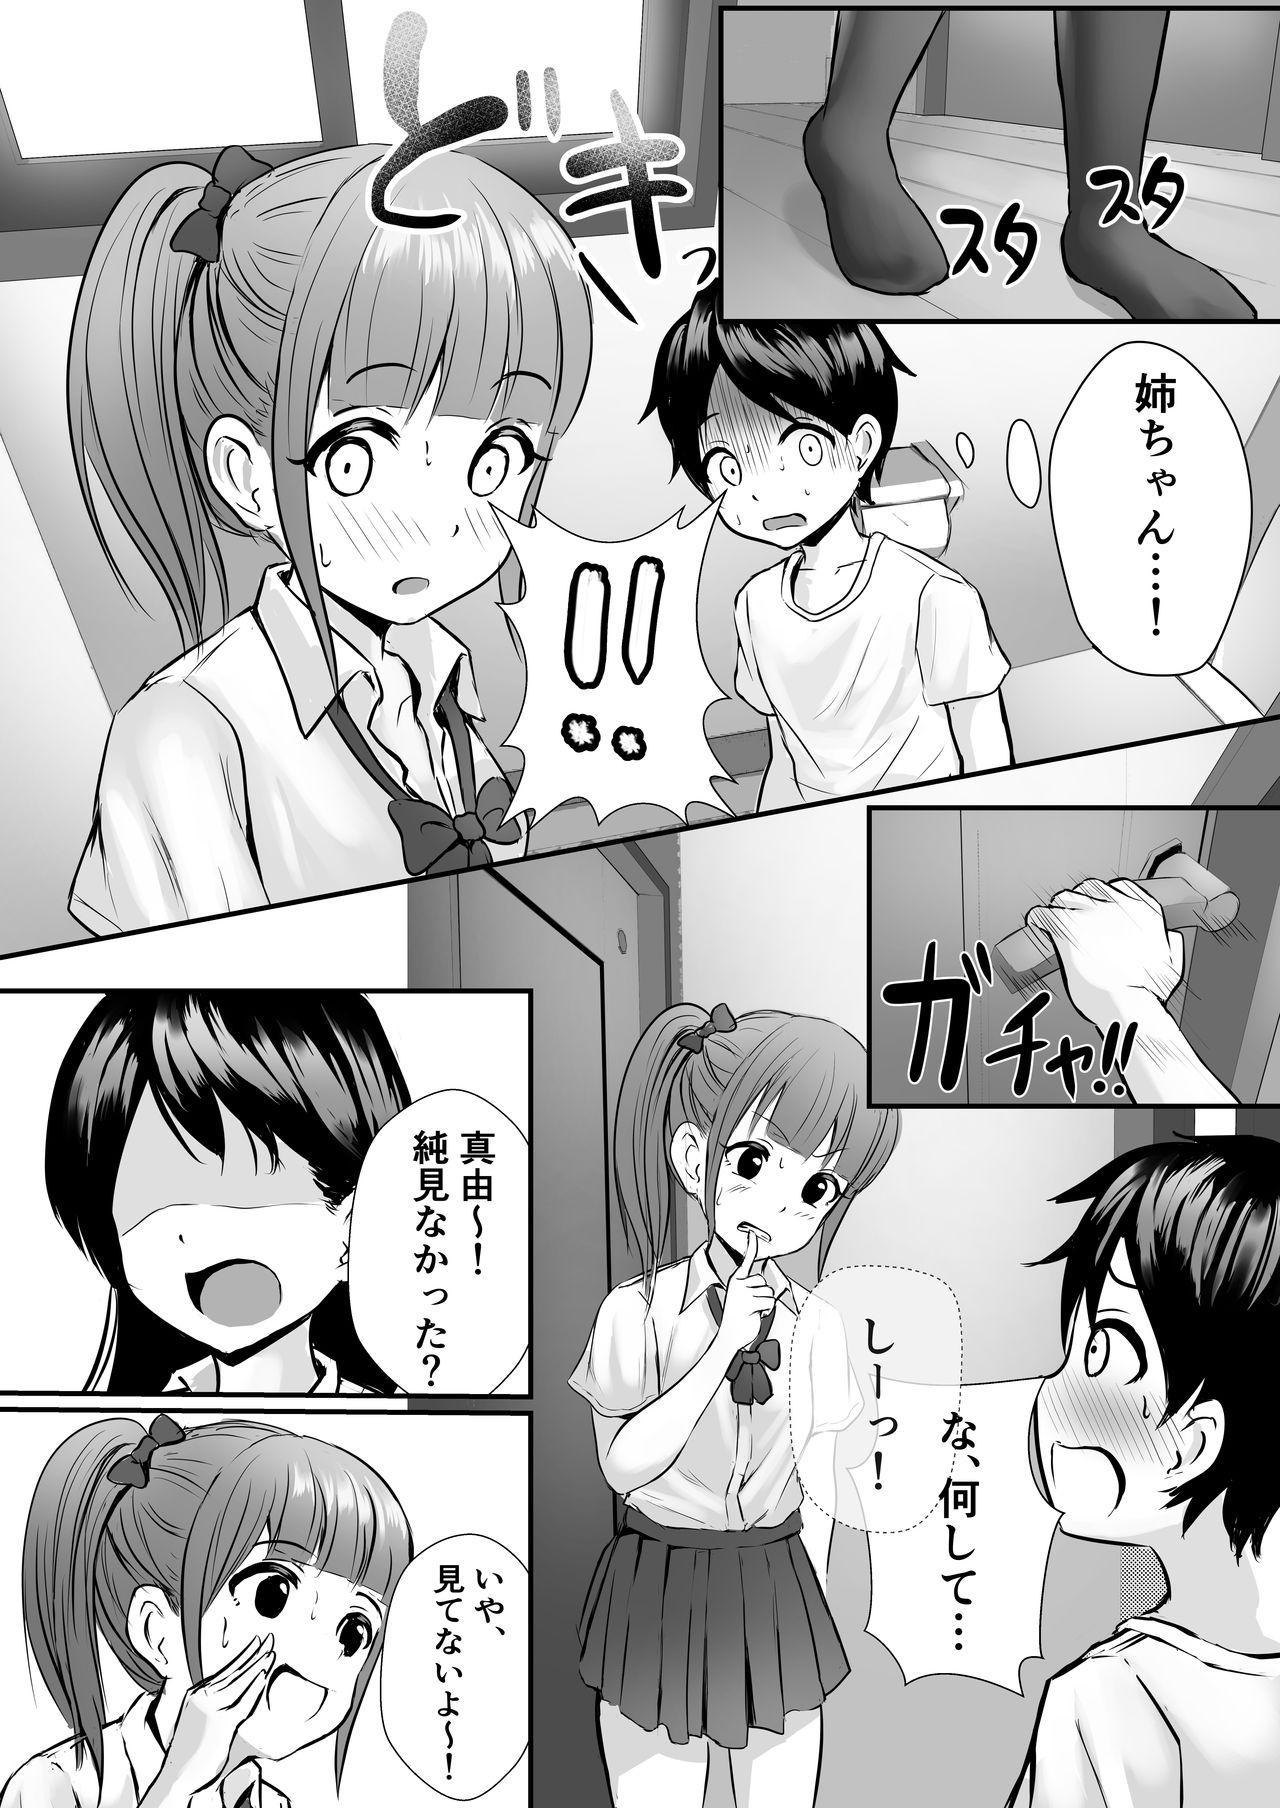 Ane no Shinyuu to Ikaseai 7